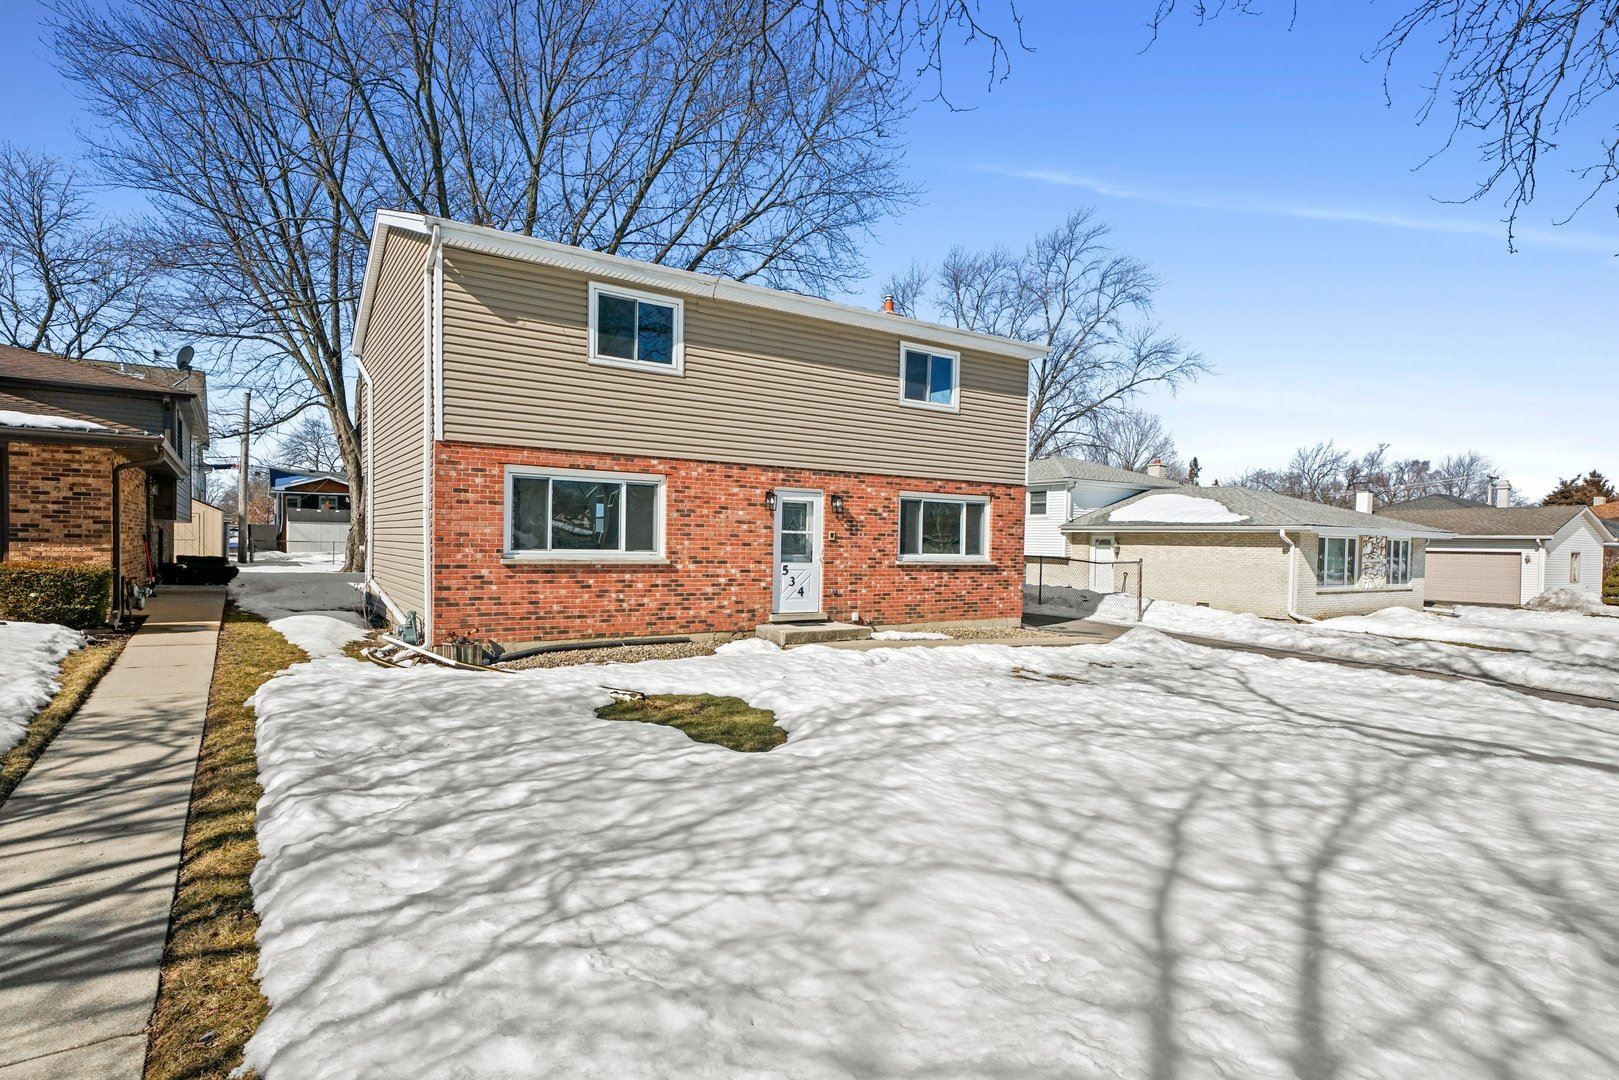 Photo of 534 N Vista Avenue, Lombard, IL 60148 (MLS # 11005812)